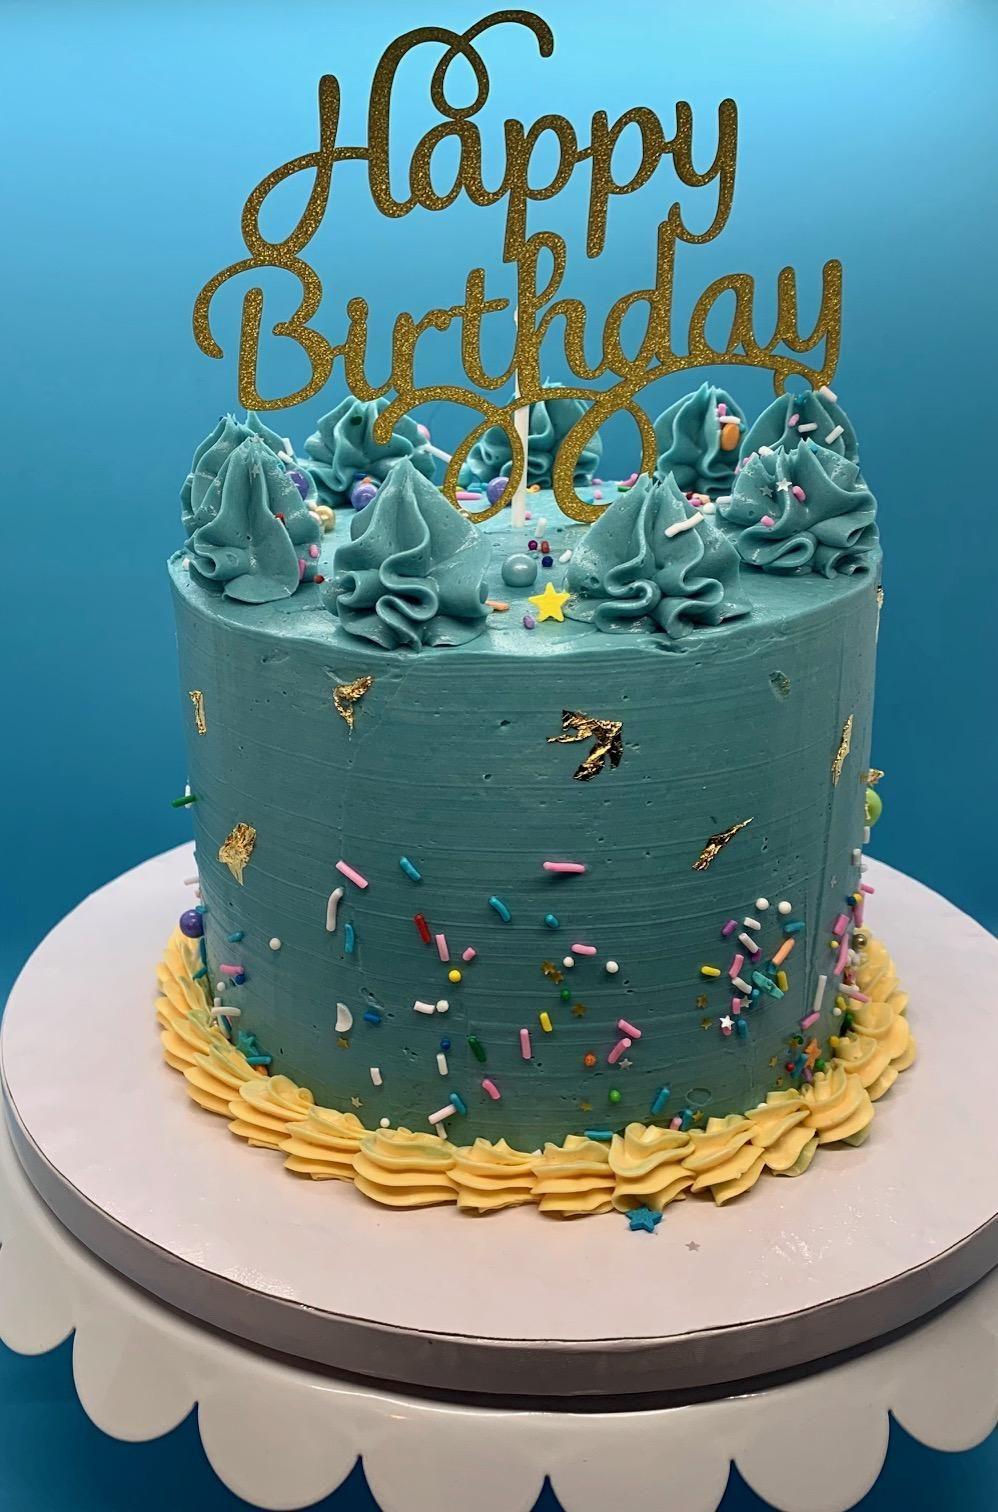 Happy Birthday Cake Topper Happy Birthday Cakes Happy Birthday Cake Topper Cake For Husband